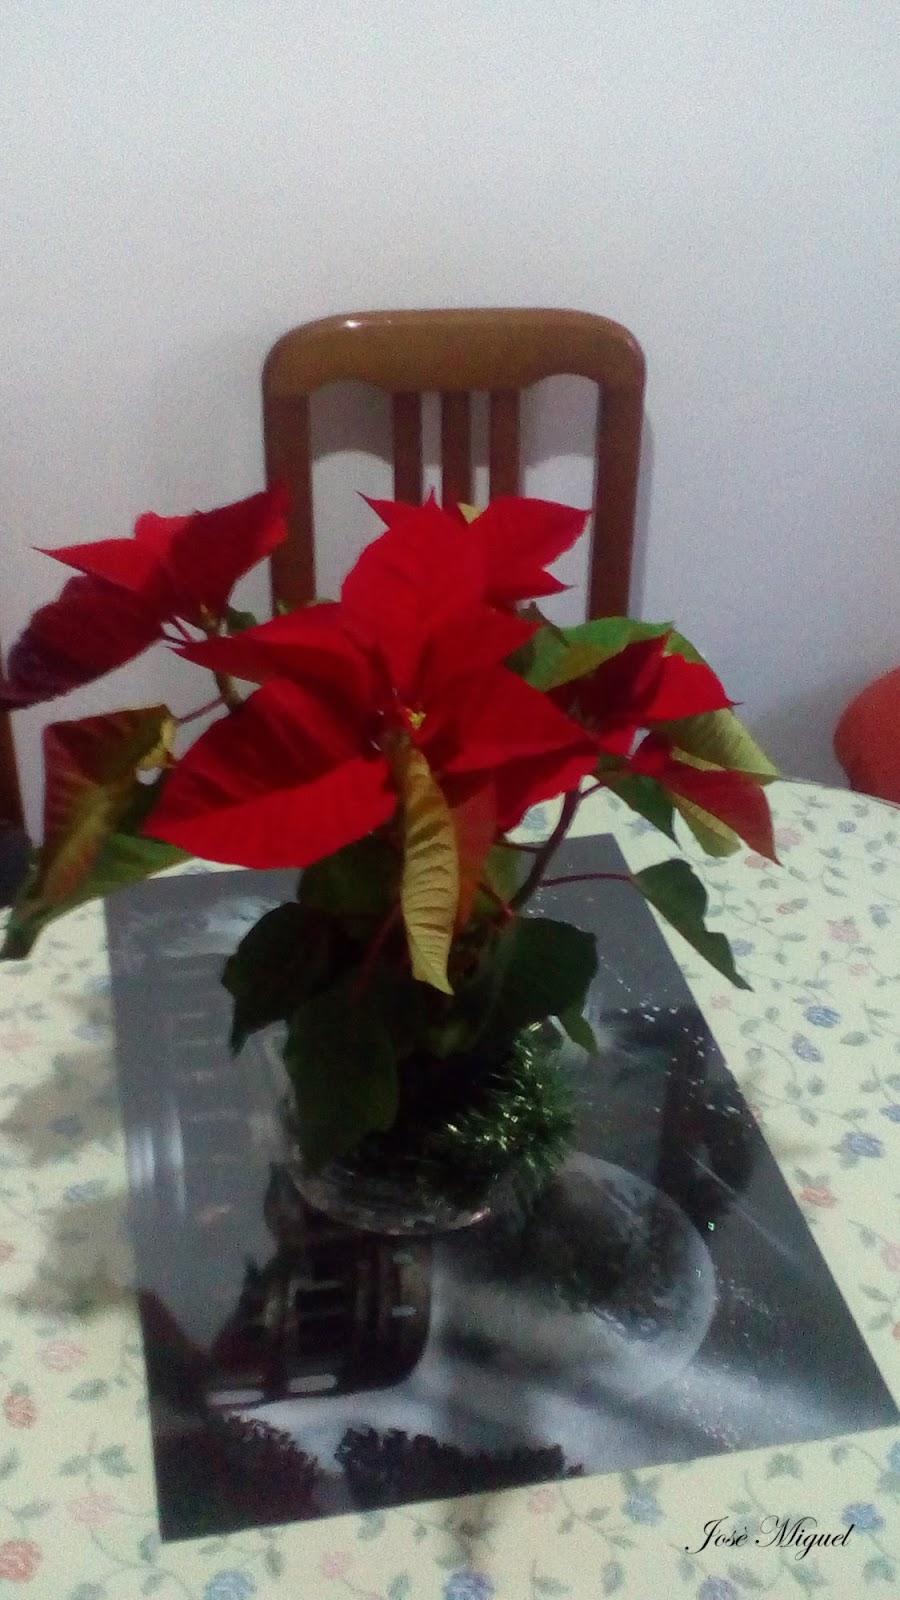 La corte de cortegana cuidados de la flor de pascua - Que cuidados necesita la flor de pascua ...